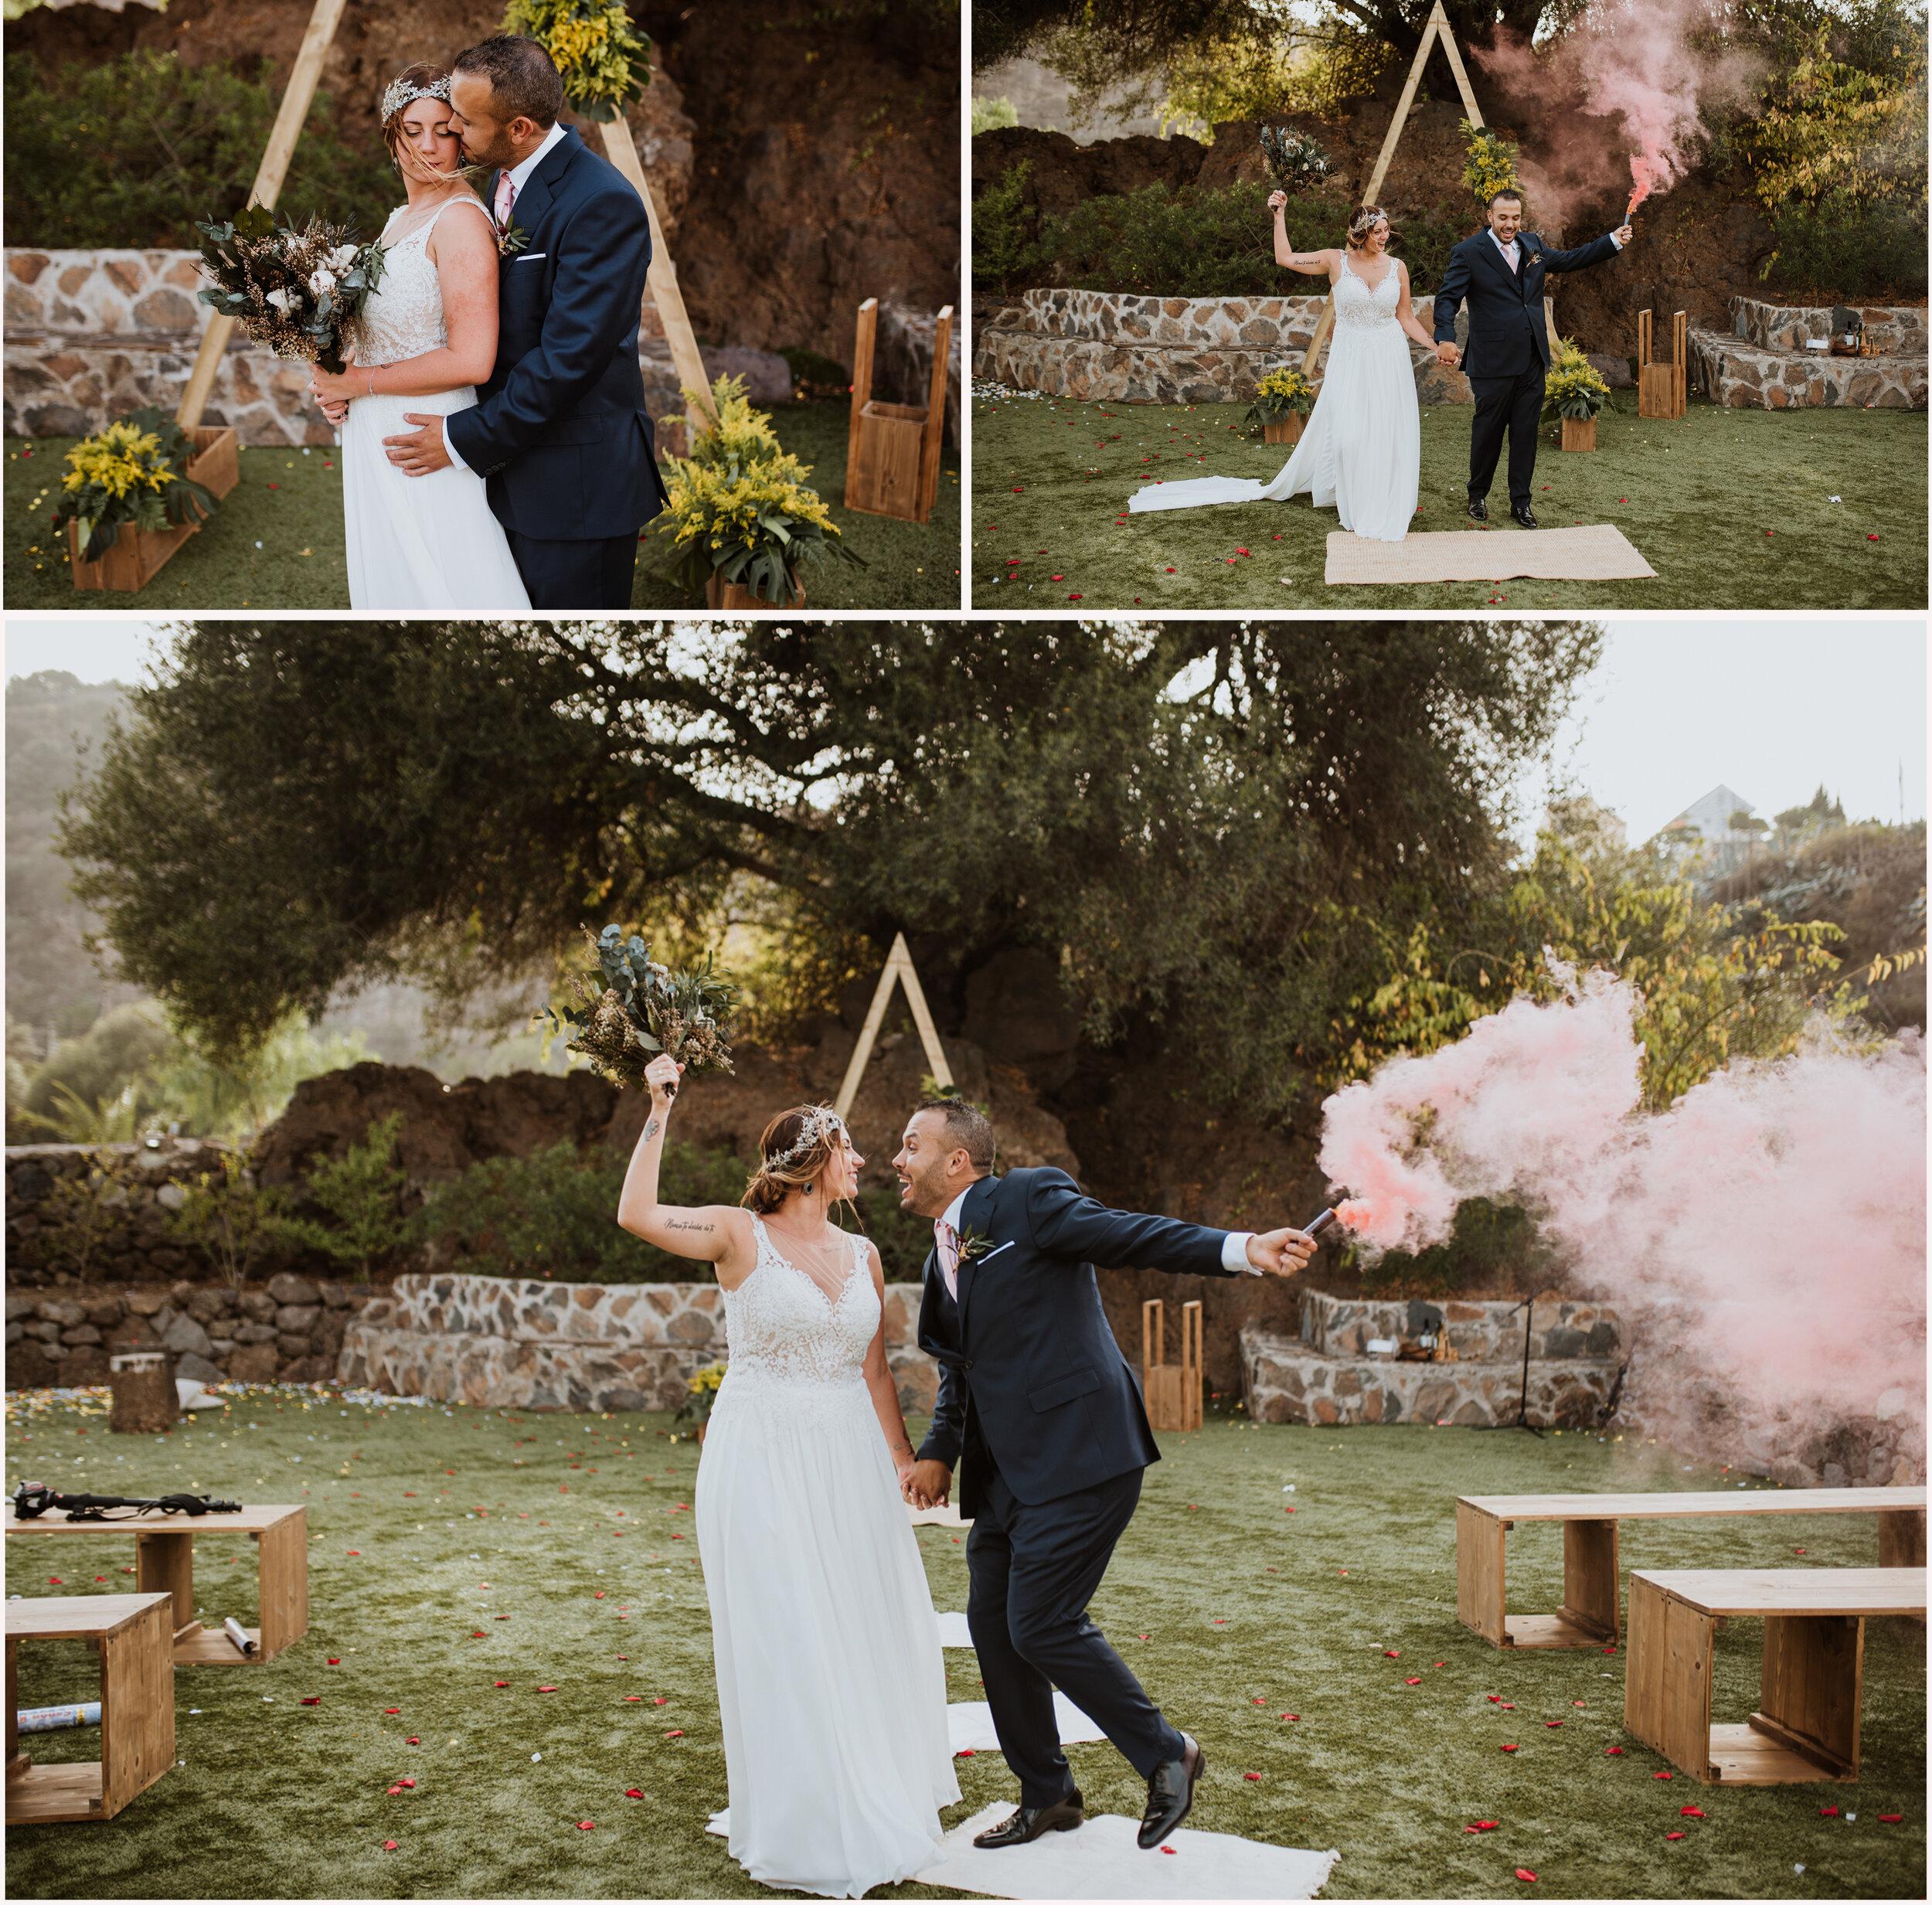 fotografo de bodas las palmas_-98.jpg